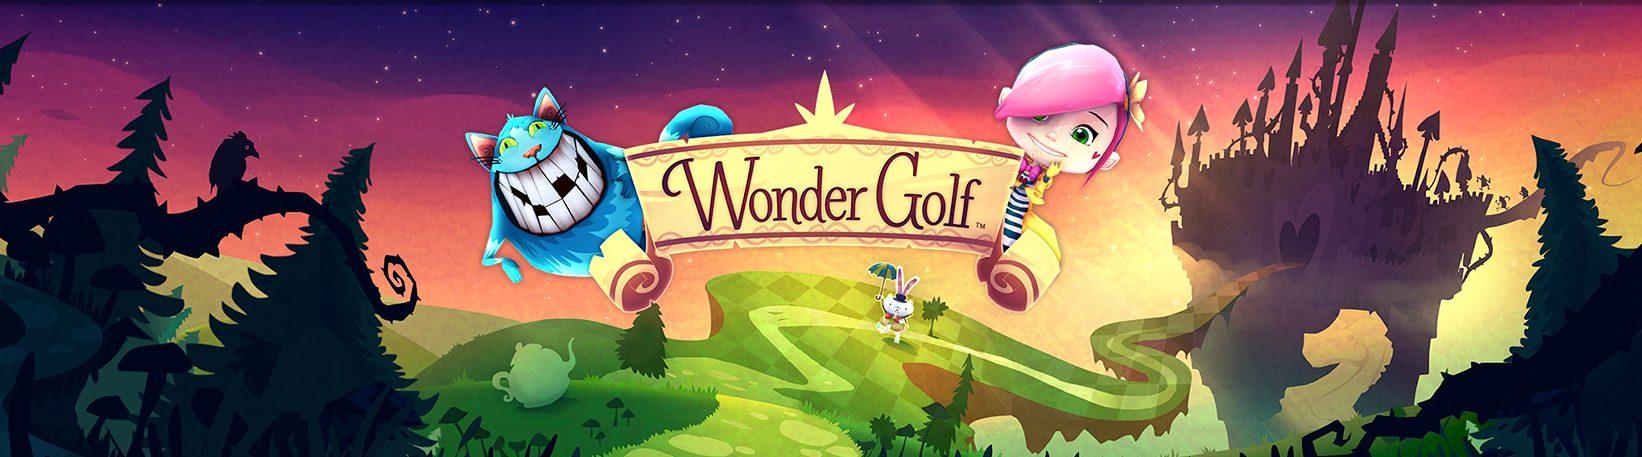 banner-wonder-golf